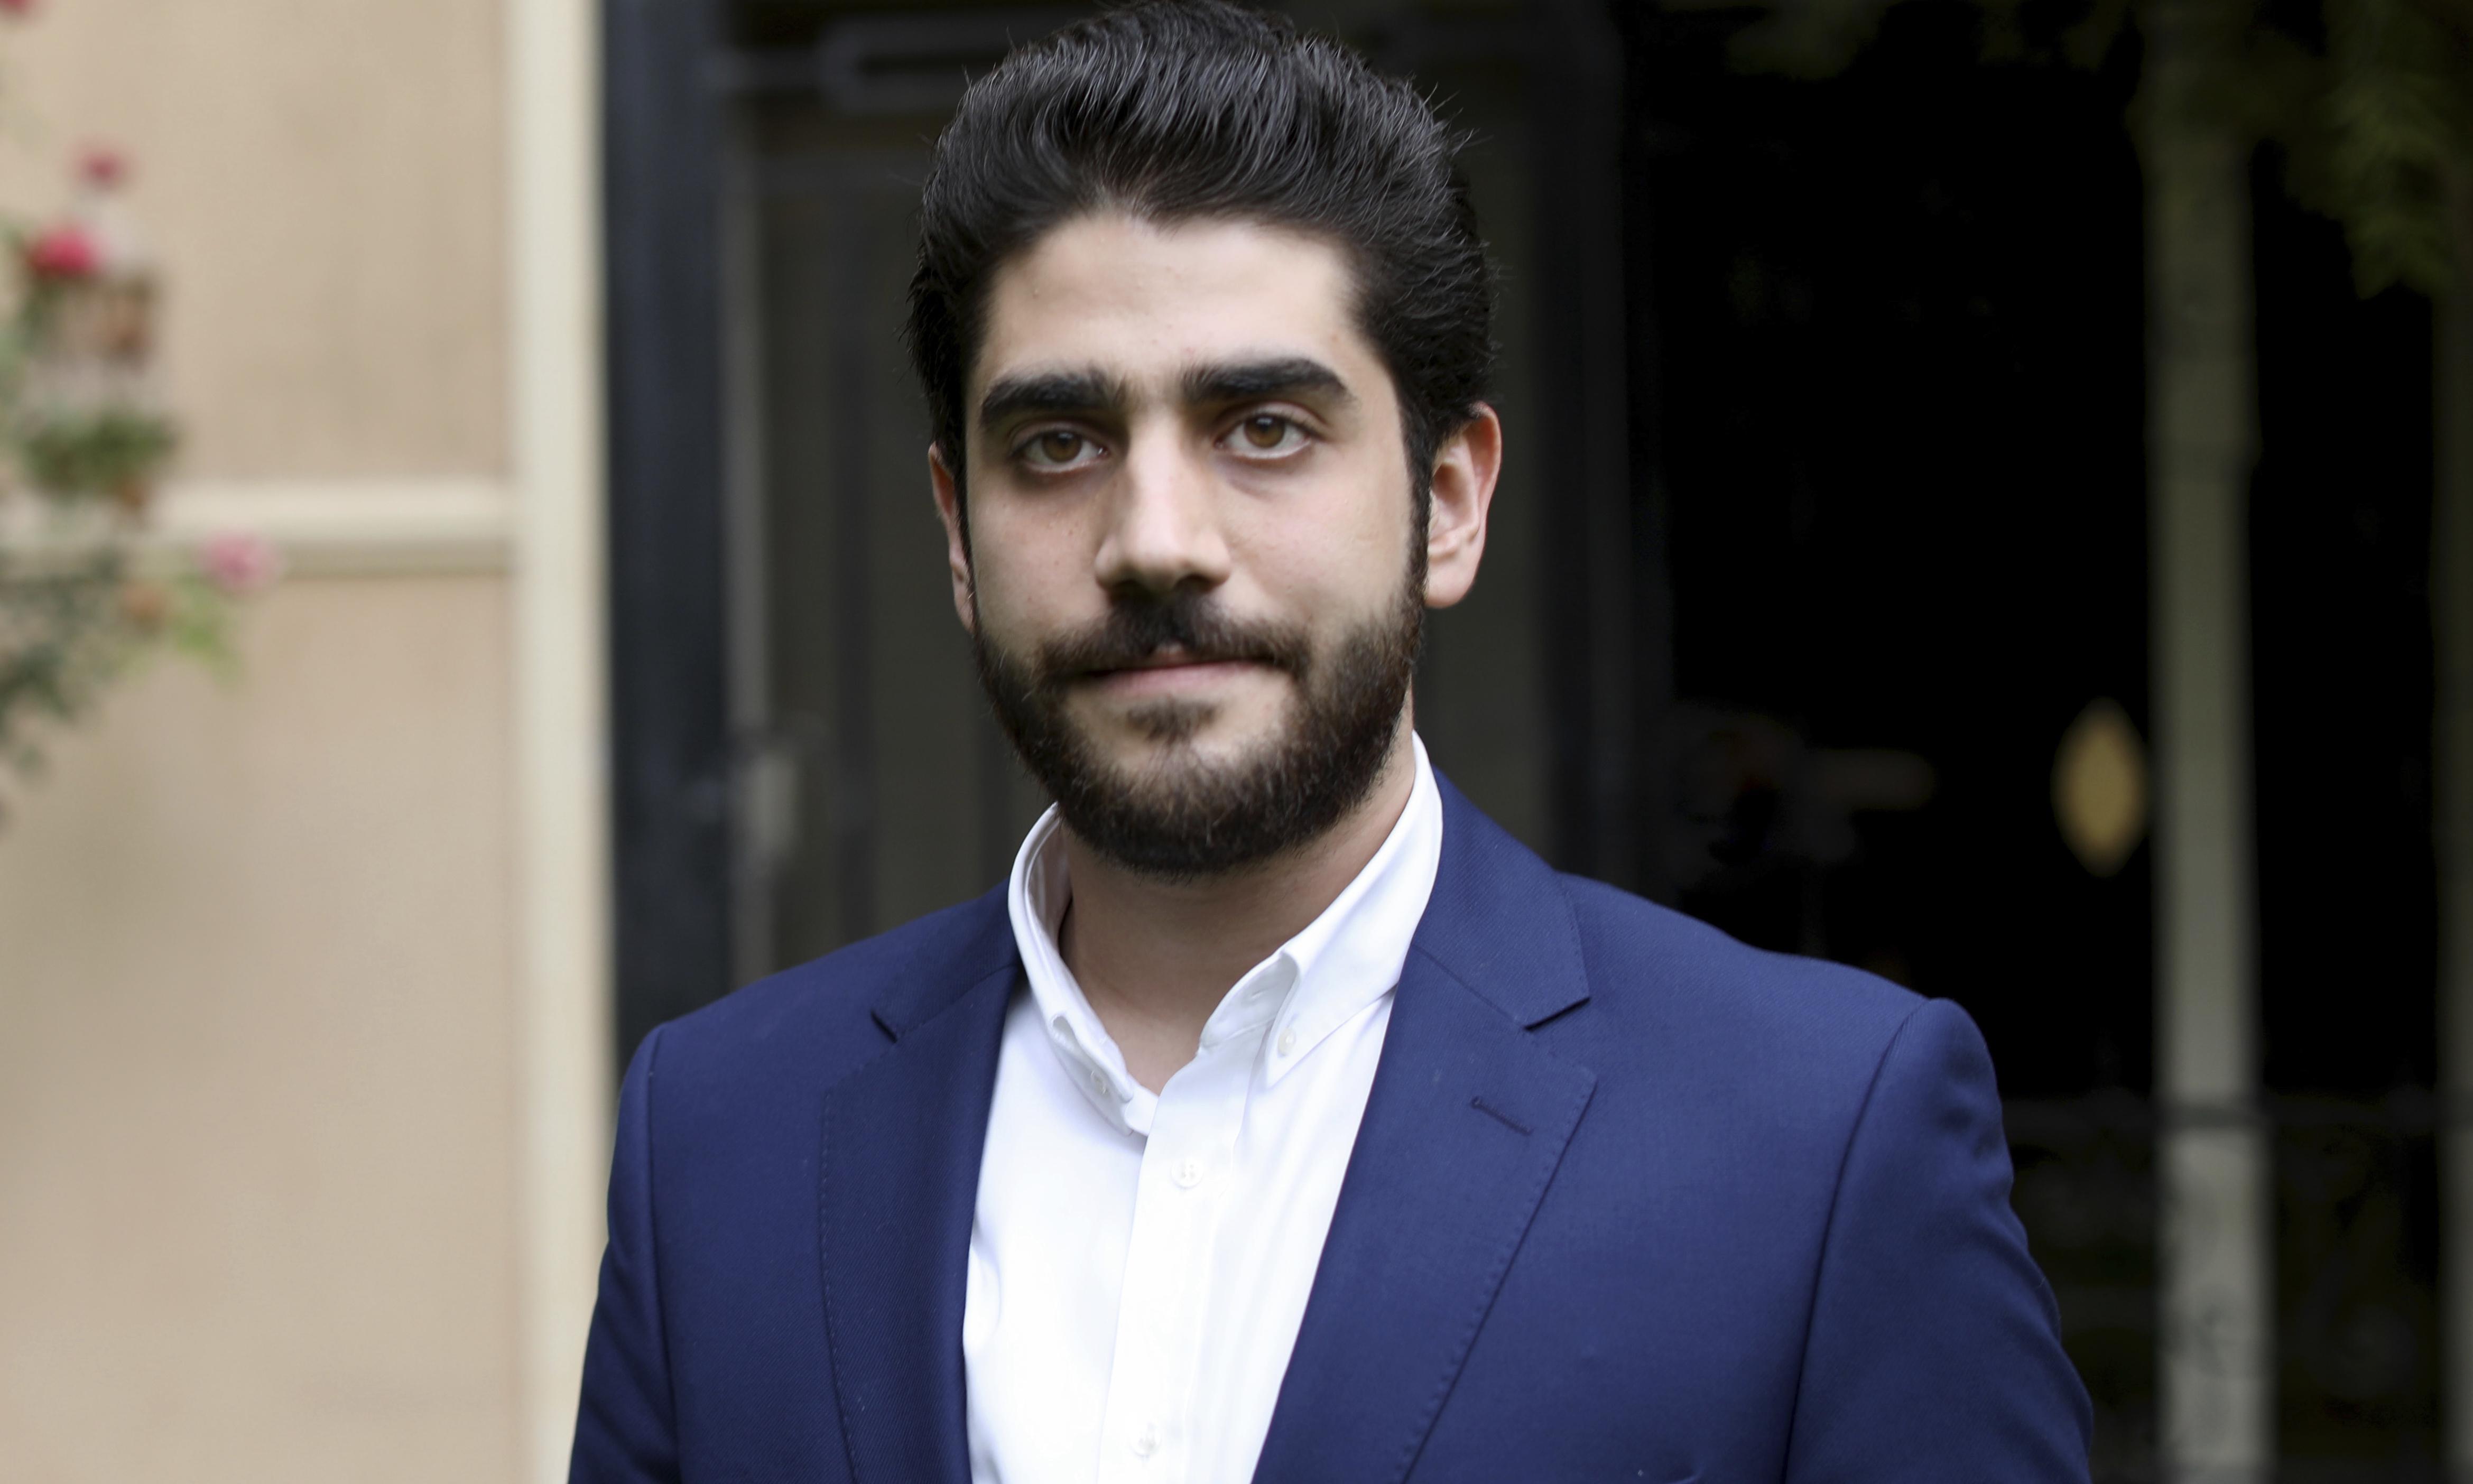 Son of former Egyptian president Mohamed Morsi dies aged 25